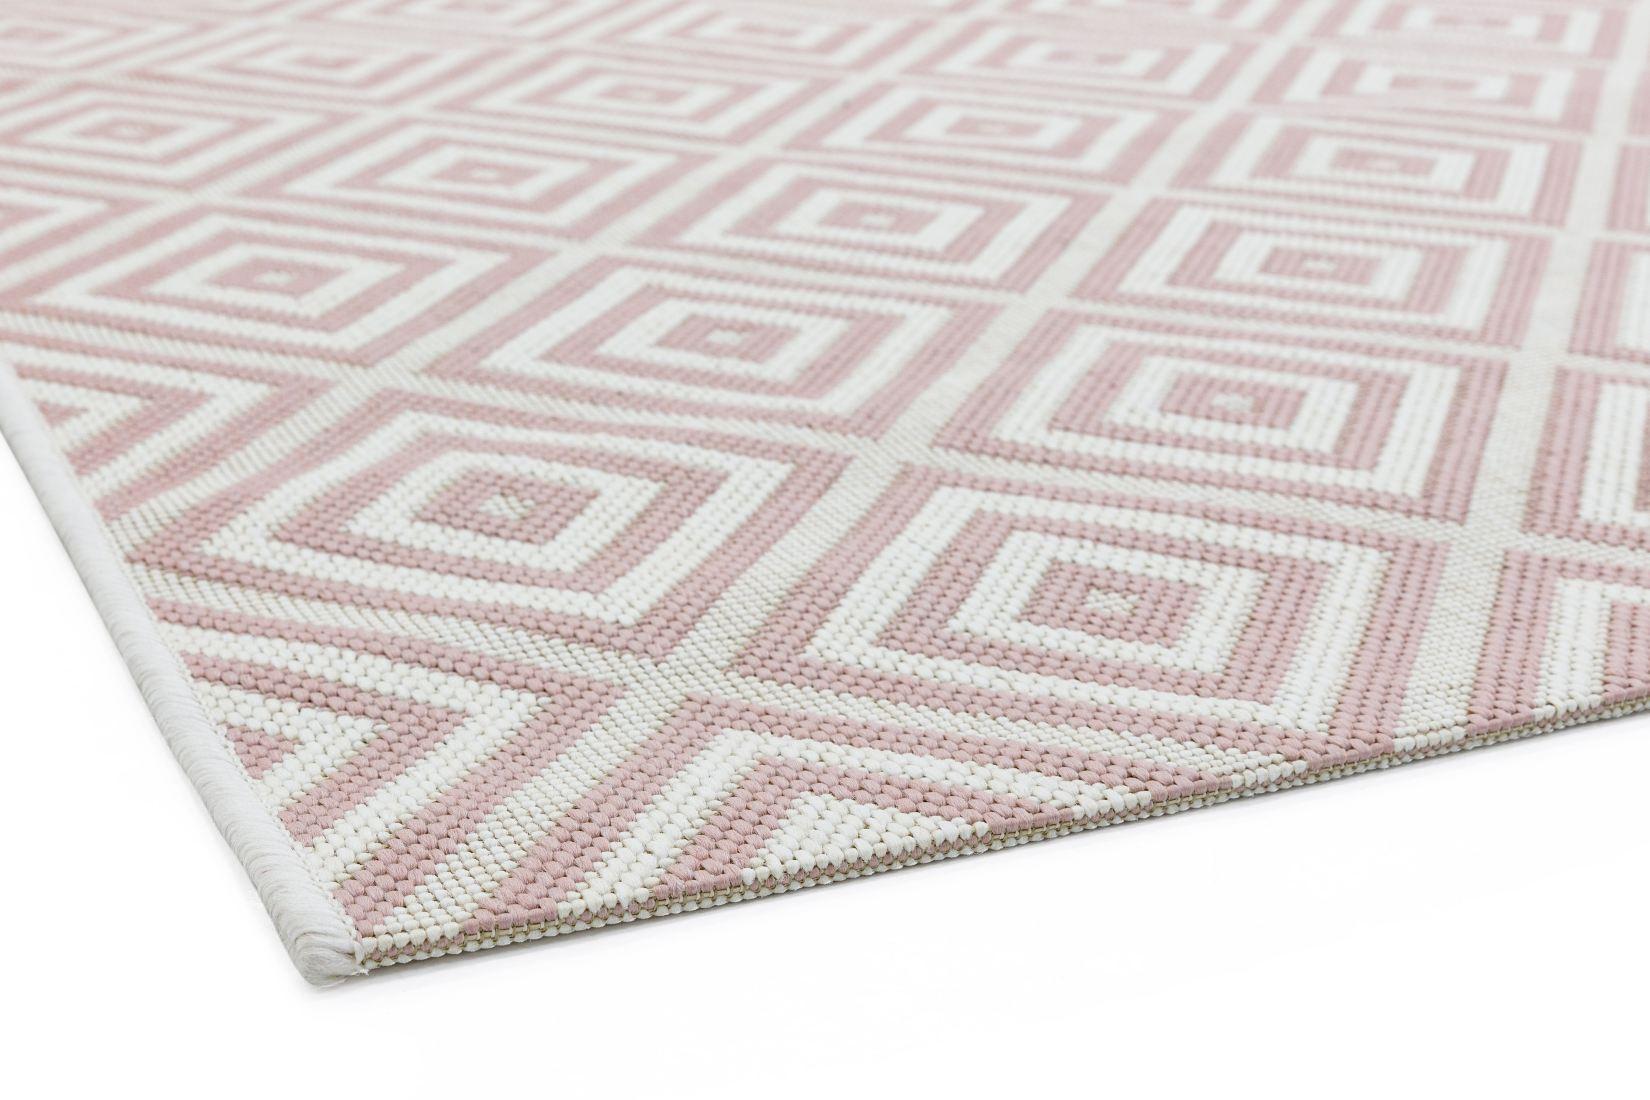 Patio Geometric In Outdoor Rug Pink, Pink Outdoor Rug Uk